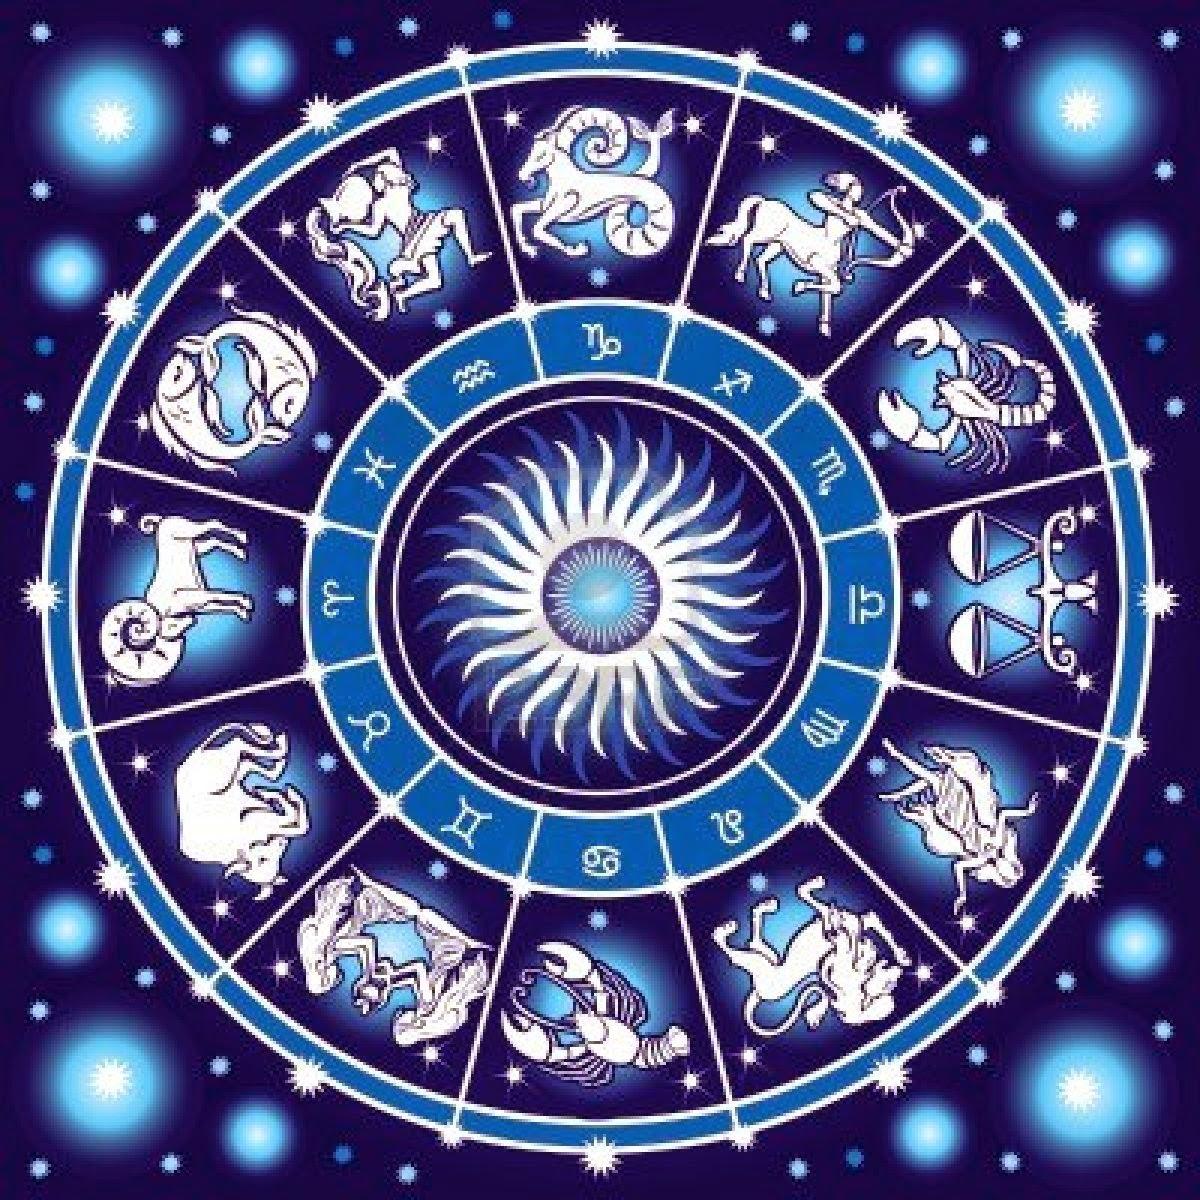 Tutti i segni Oroscopo Ariete dal 30 al 5 aprile 2015